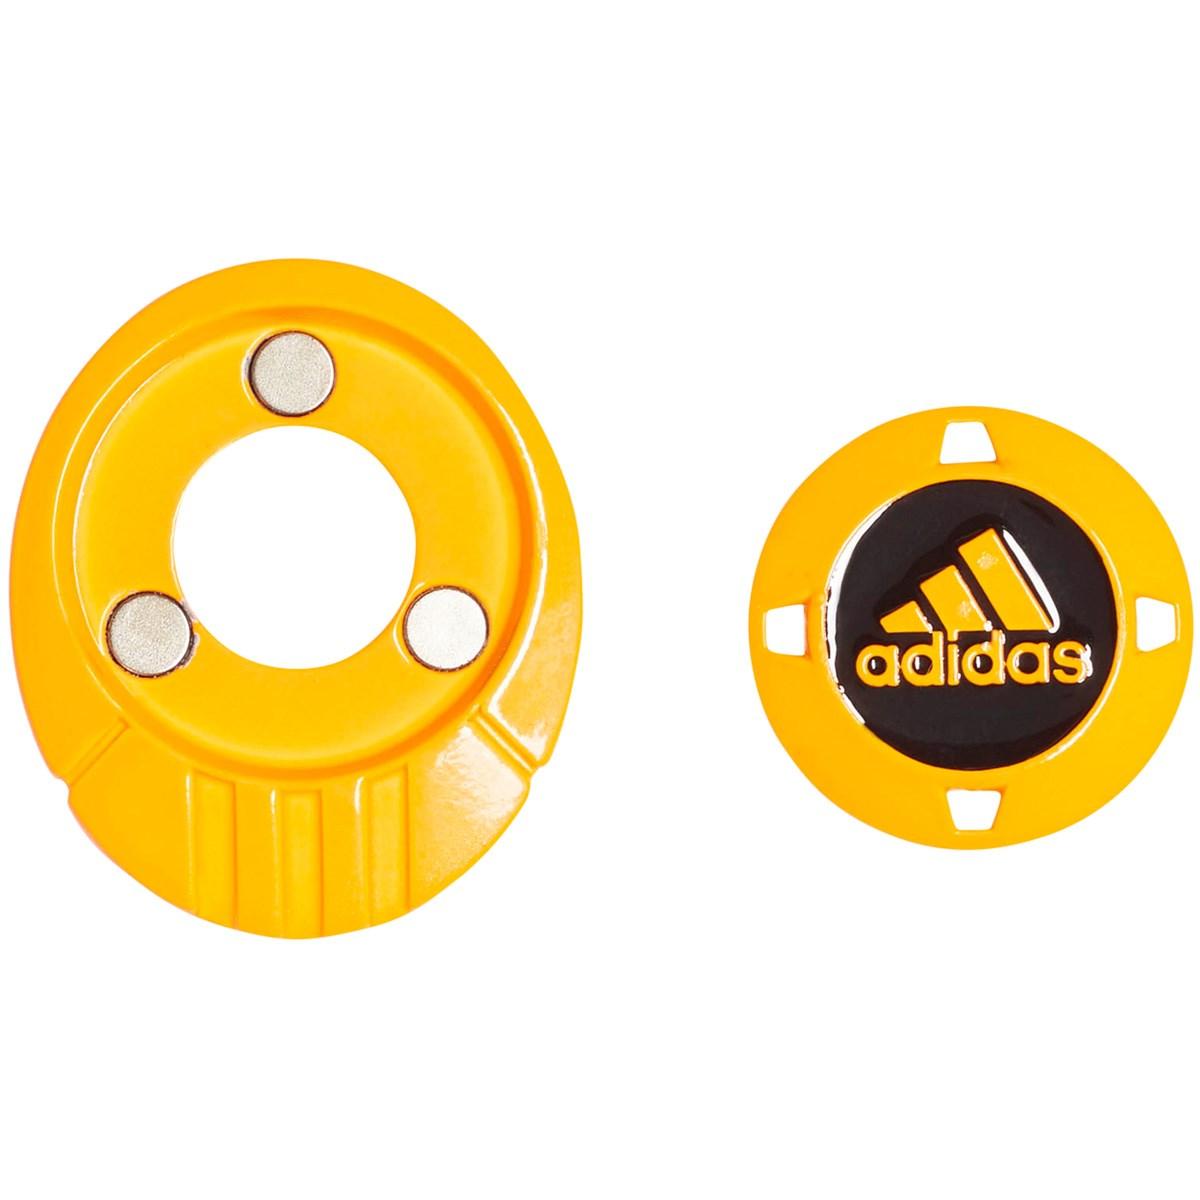 アディダス Adidas ネオンカラーツインマーカー オレンジ